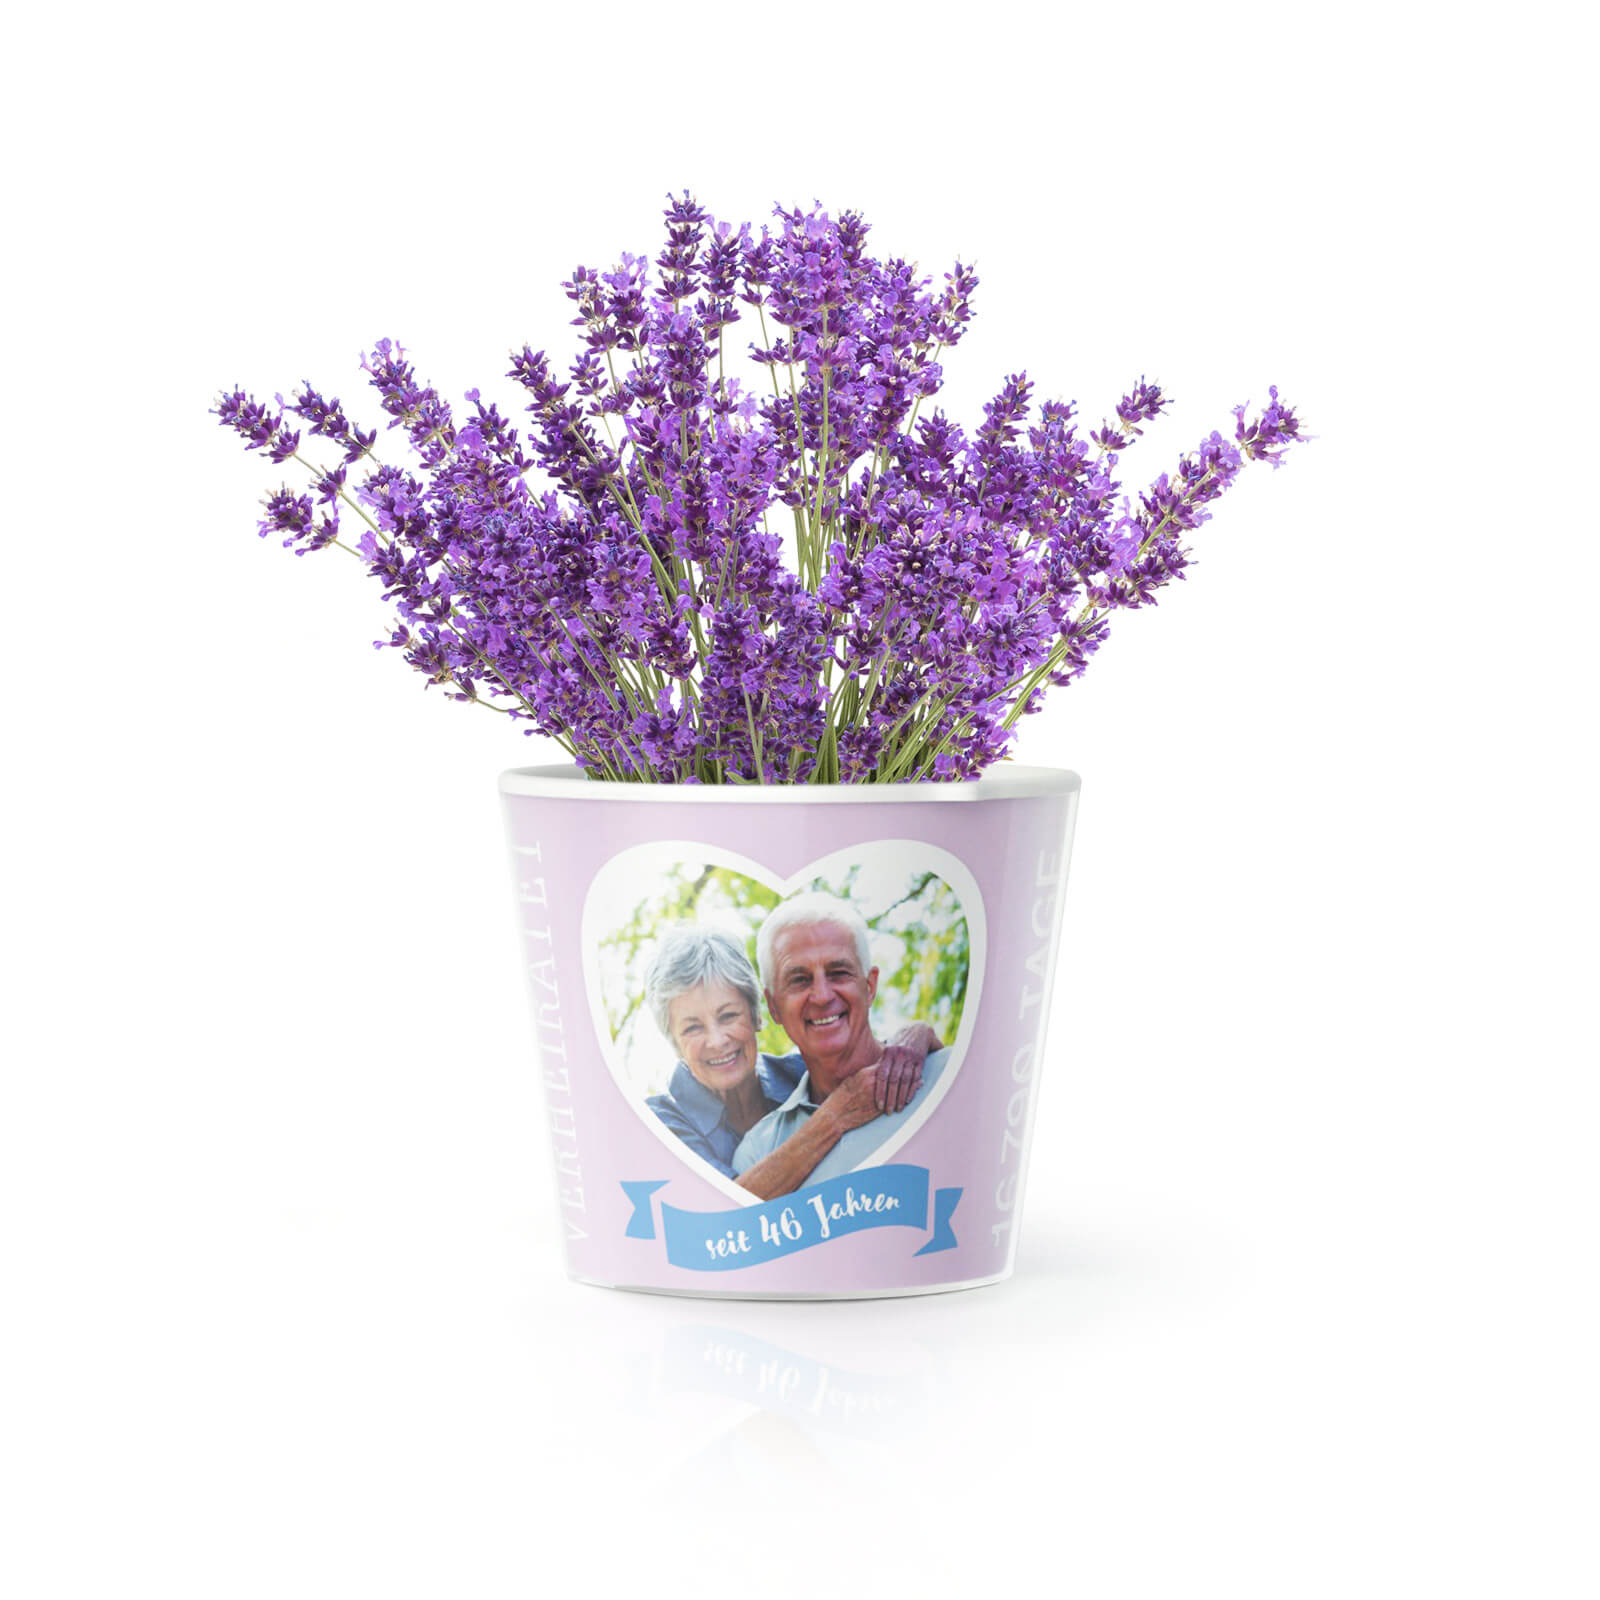 46 Jahre Hochzeitstag Lavendelhochzeit